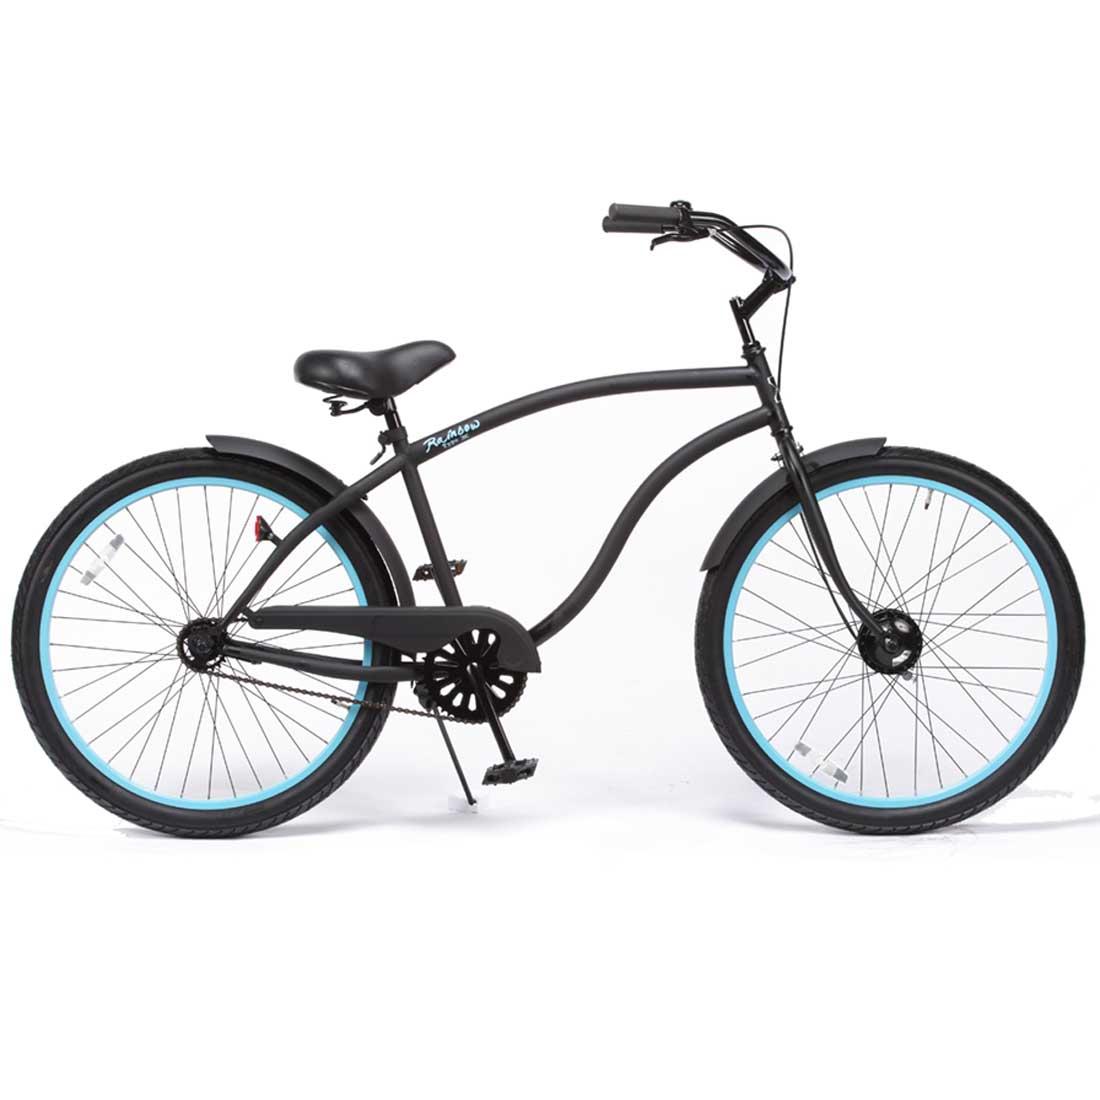 ビーチクルーザー 26インチ おしゃれ 自転車 通勤 通学 レインボービーチクルーザー 26TYPE-X マットブラック×パウダーブルーリム メンズ レディース